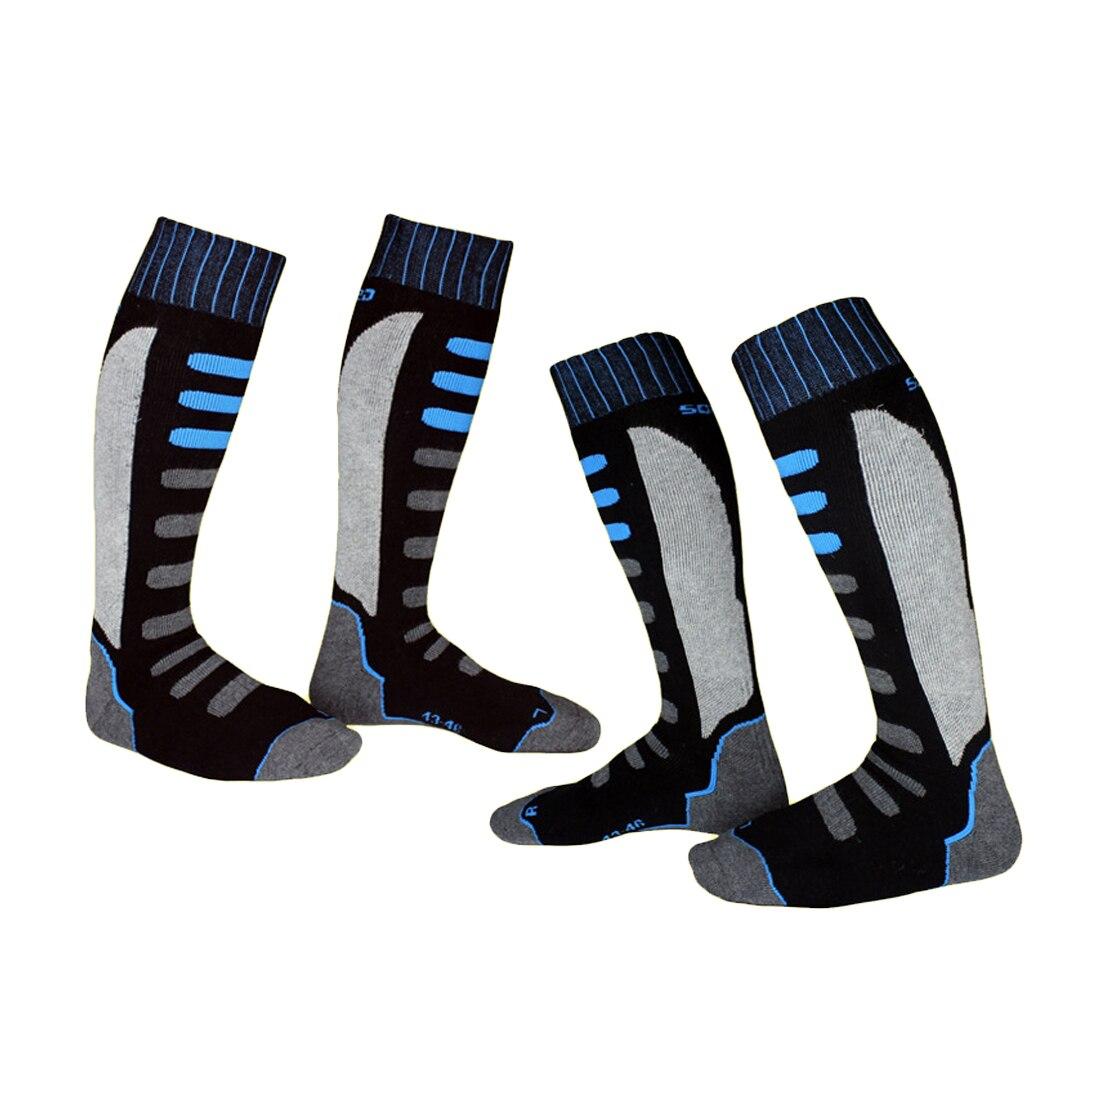 Зимние теплые Для мужчин Термальность Лыжные носки толстые хлопковые спортивные сноуборд Велоспорт Лыжный Спорт футбольные носки Chaussette ...